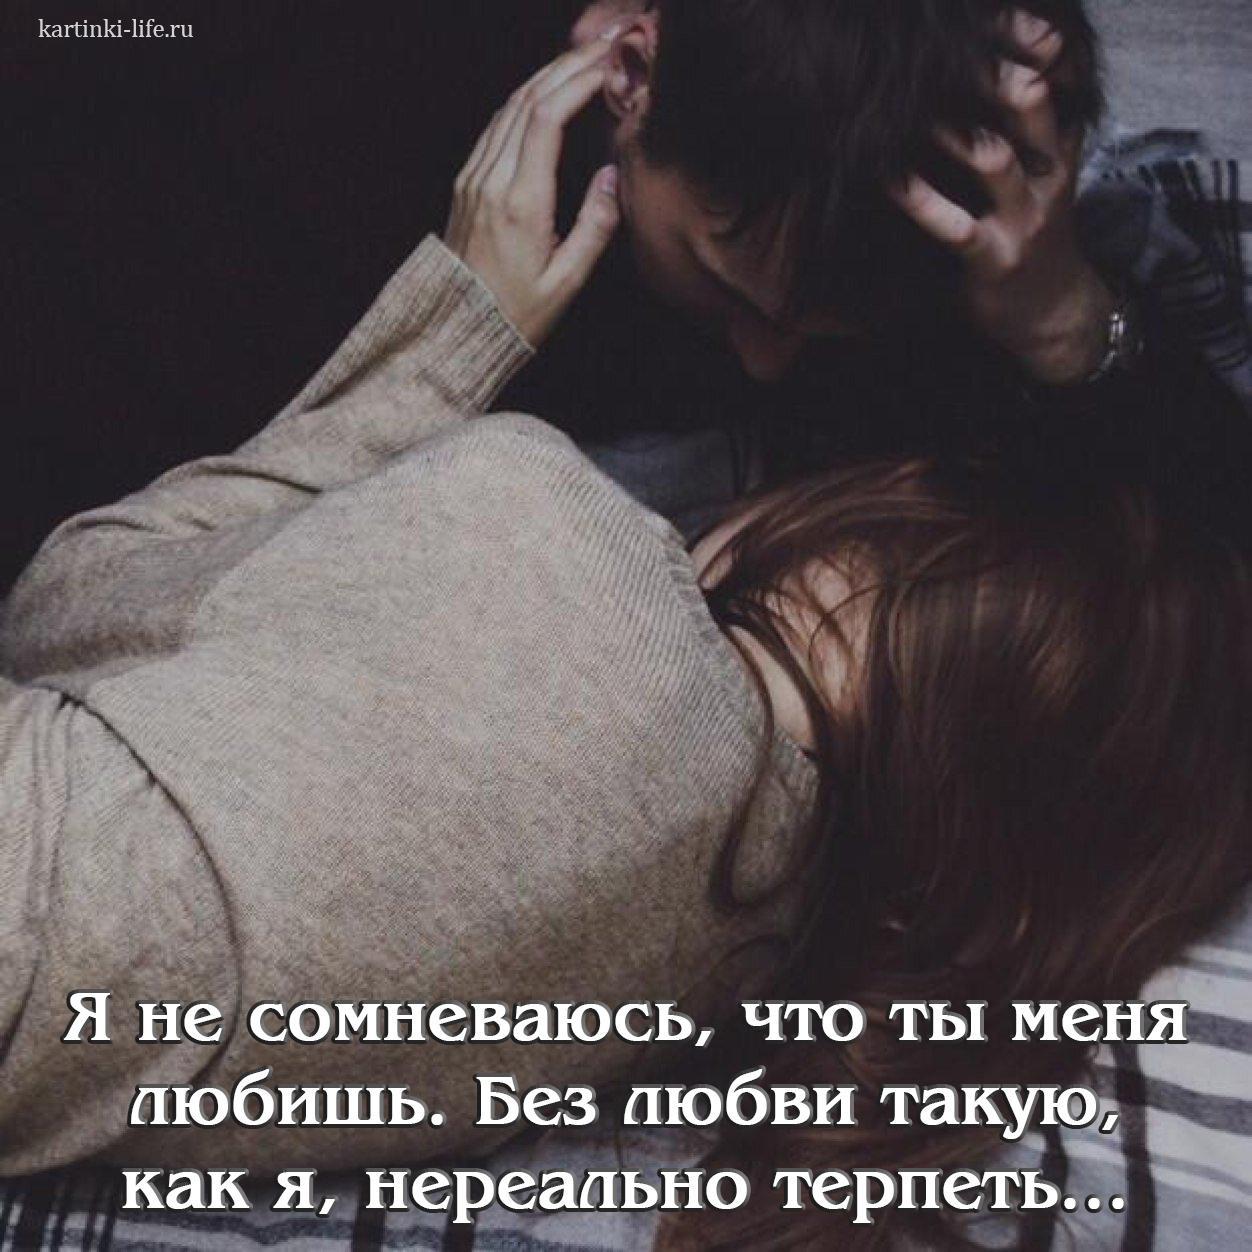 Я не сомневаюсь, что ты меня любишь. Без любви такую, как я, нереально  терпеть...